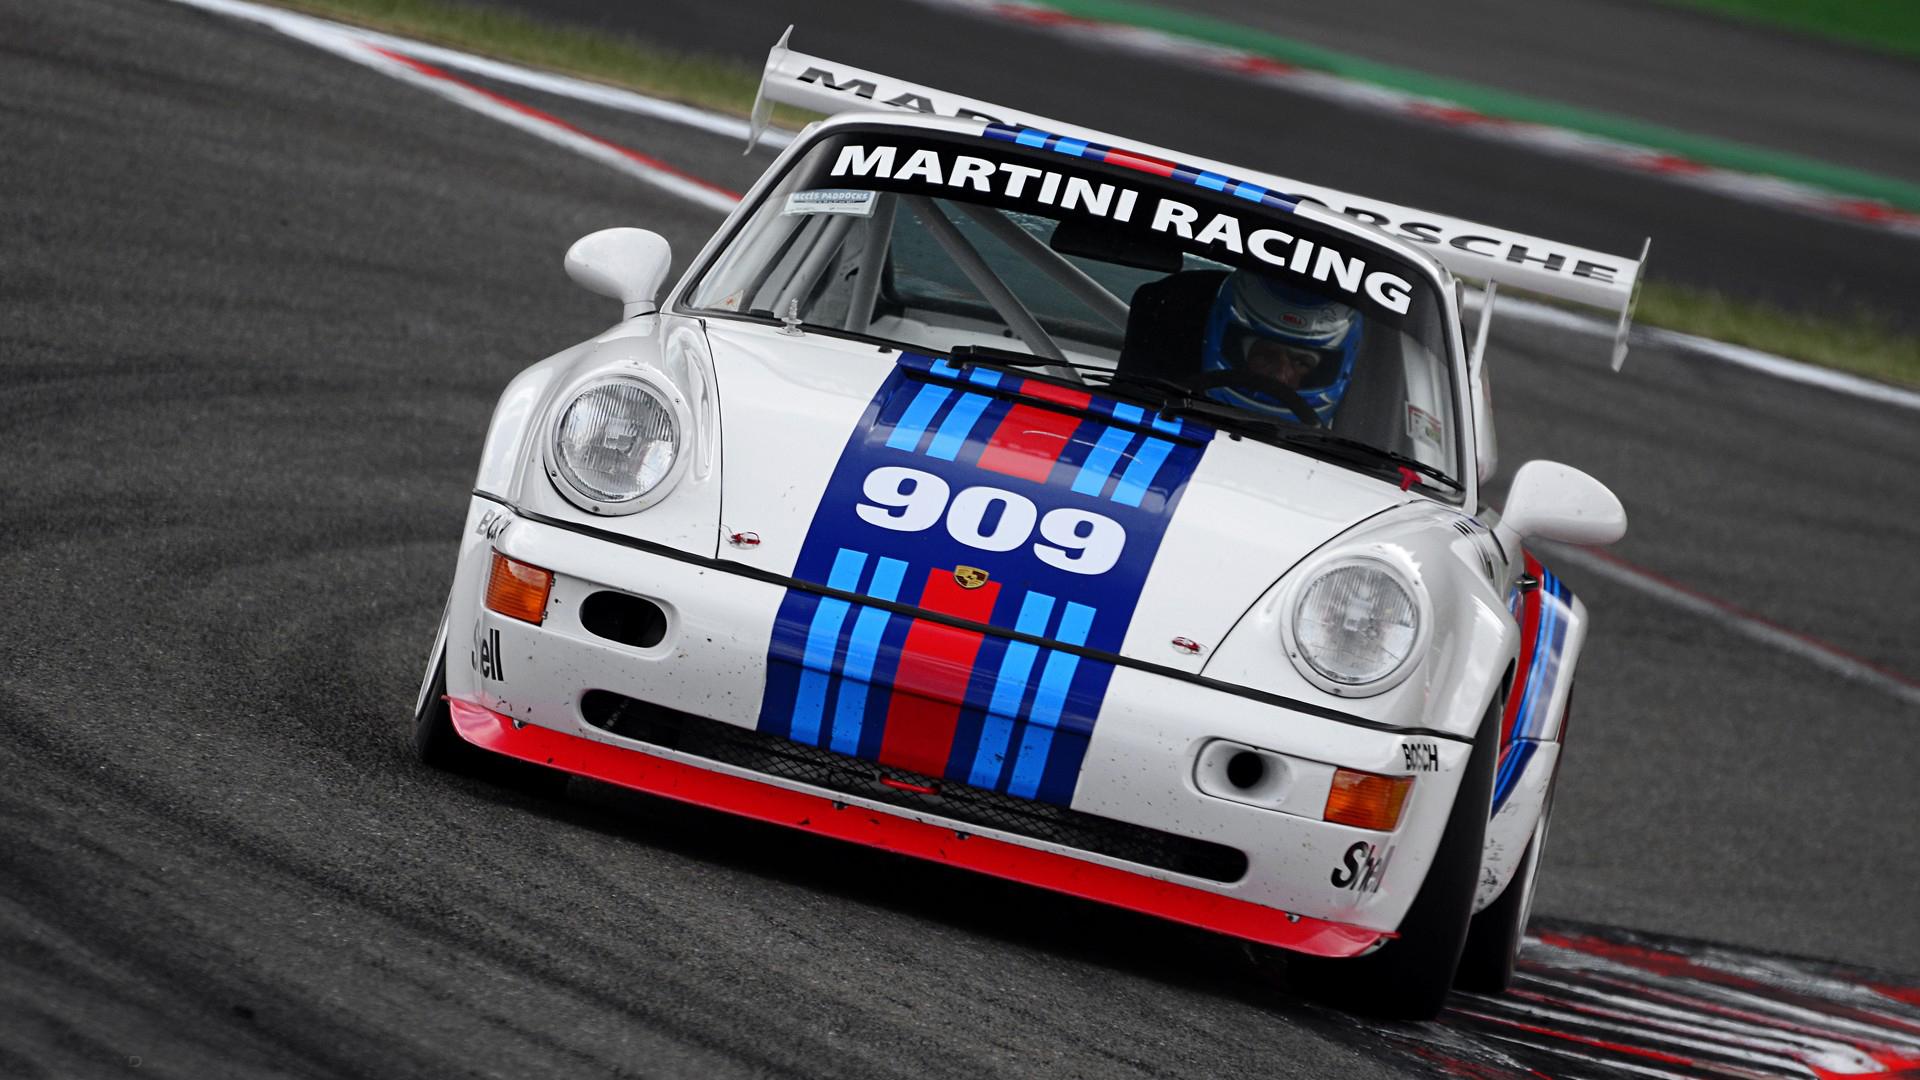 martini racing cars hd wallpaper1080p